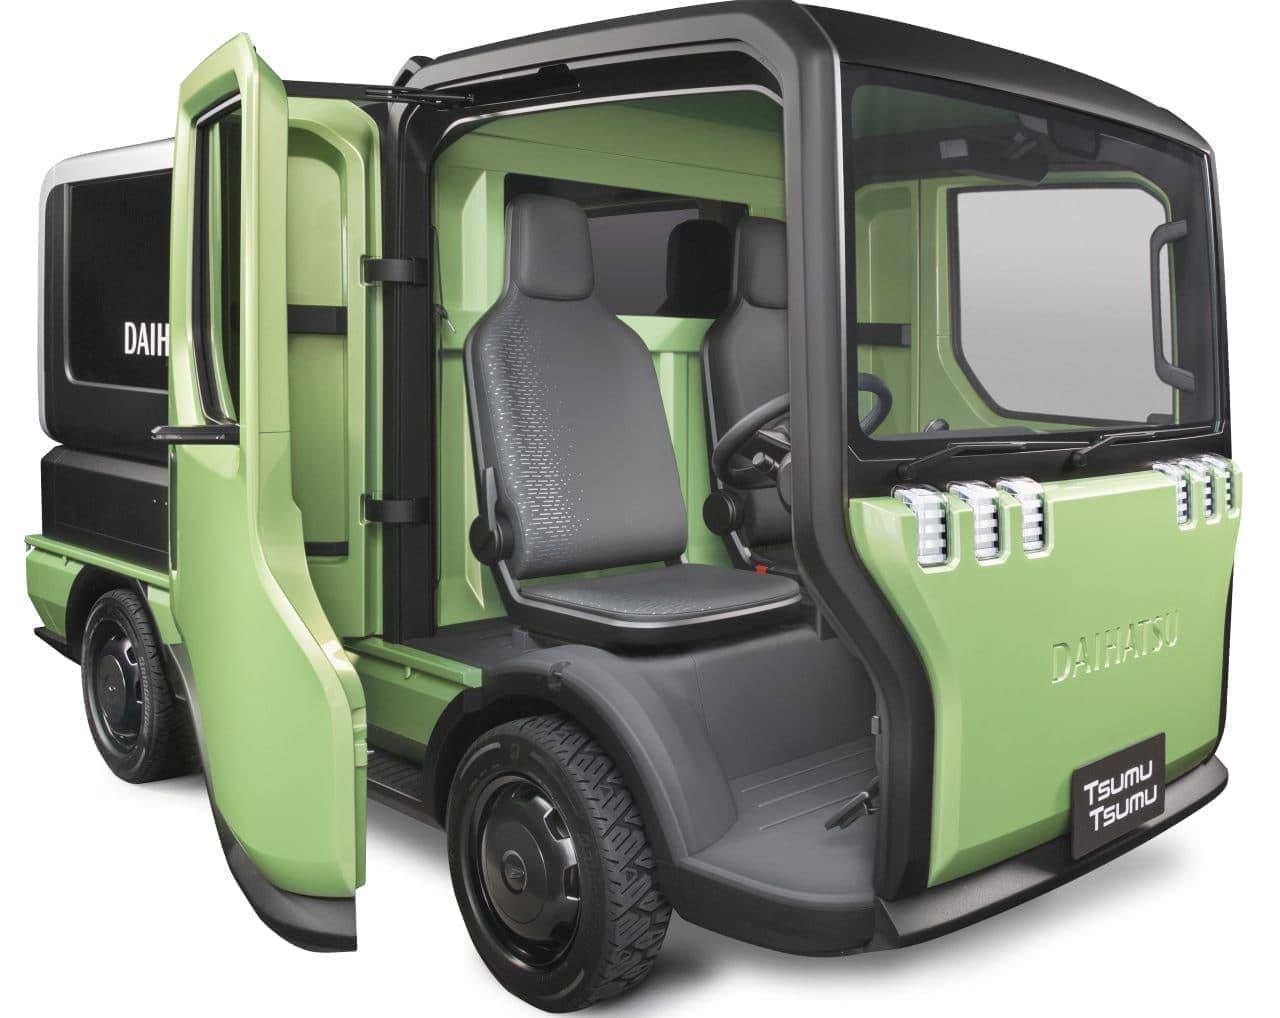 キャビンを広く使えるコンセプトカー「TsumuTsumu」、東京モーターショーで初披露